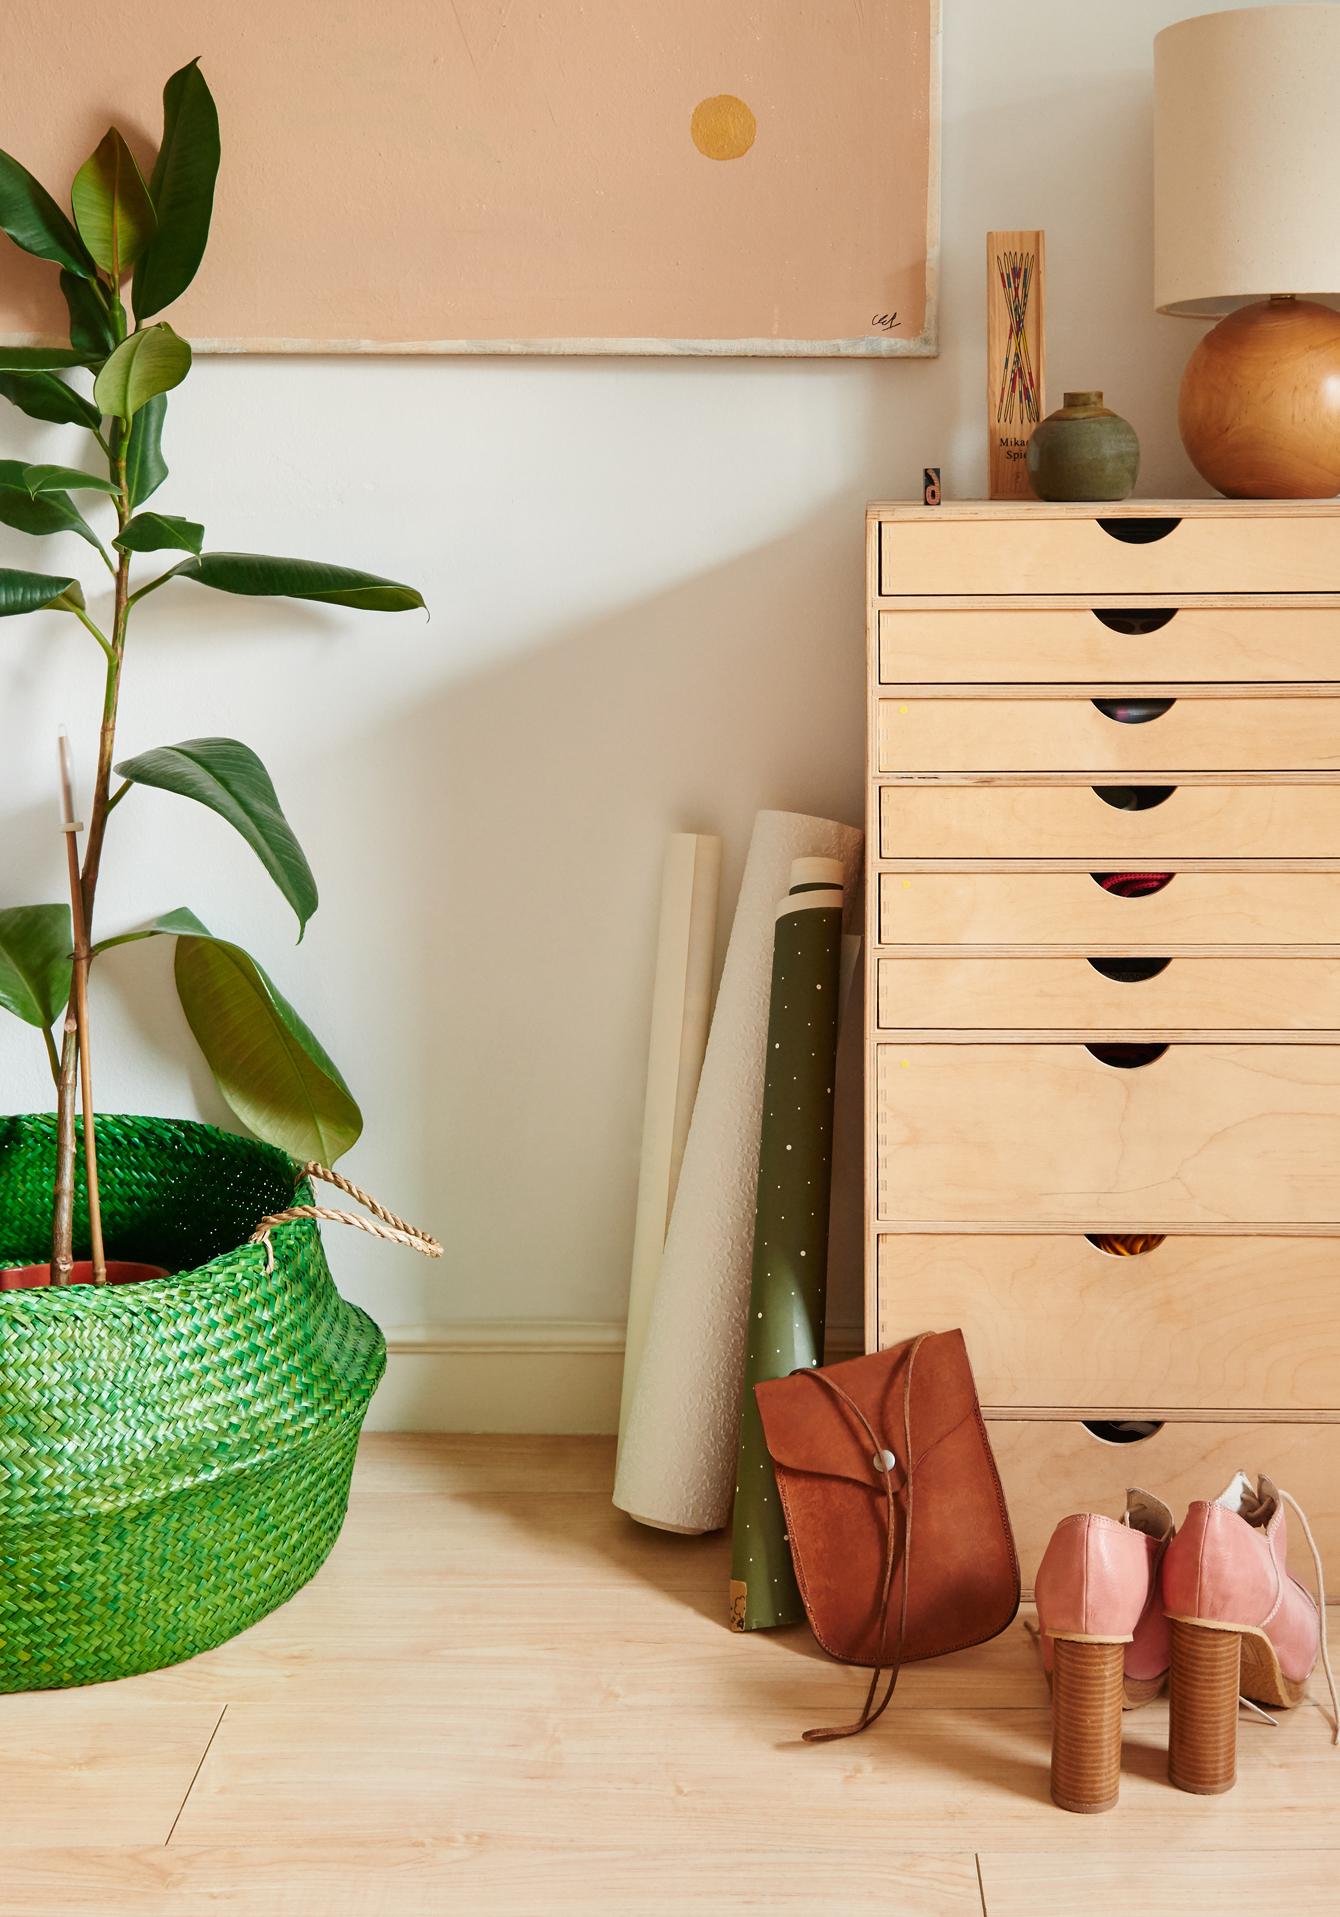 photoshoot of Scandinavian inspired interiors